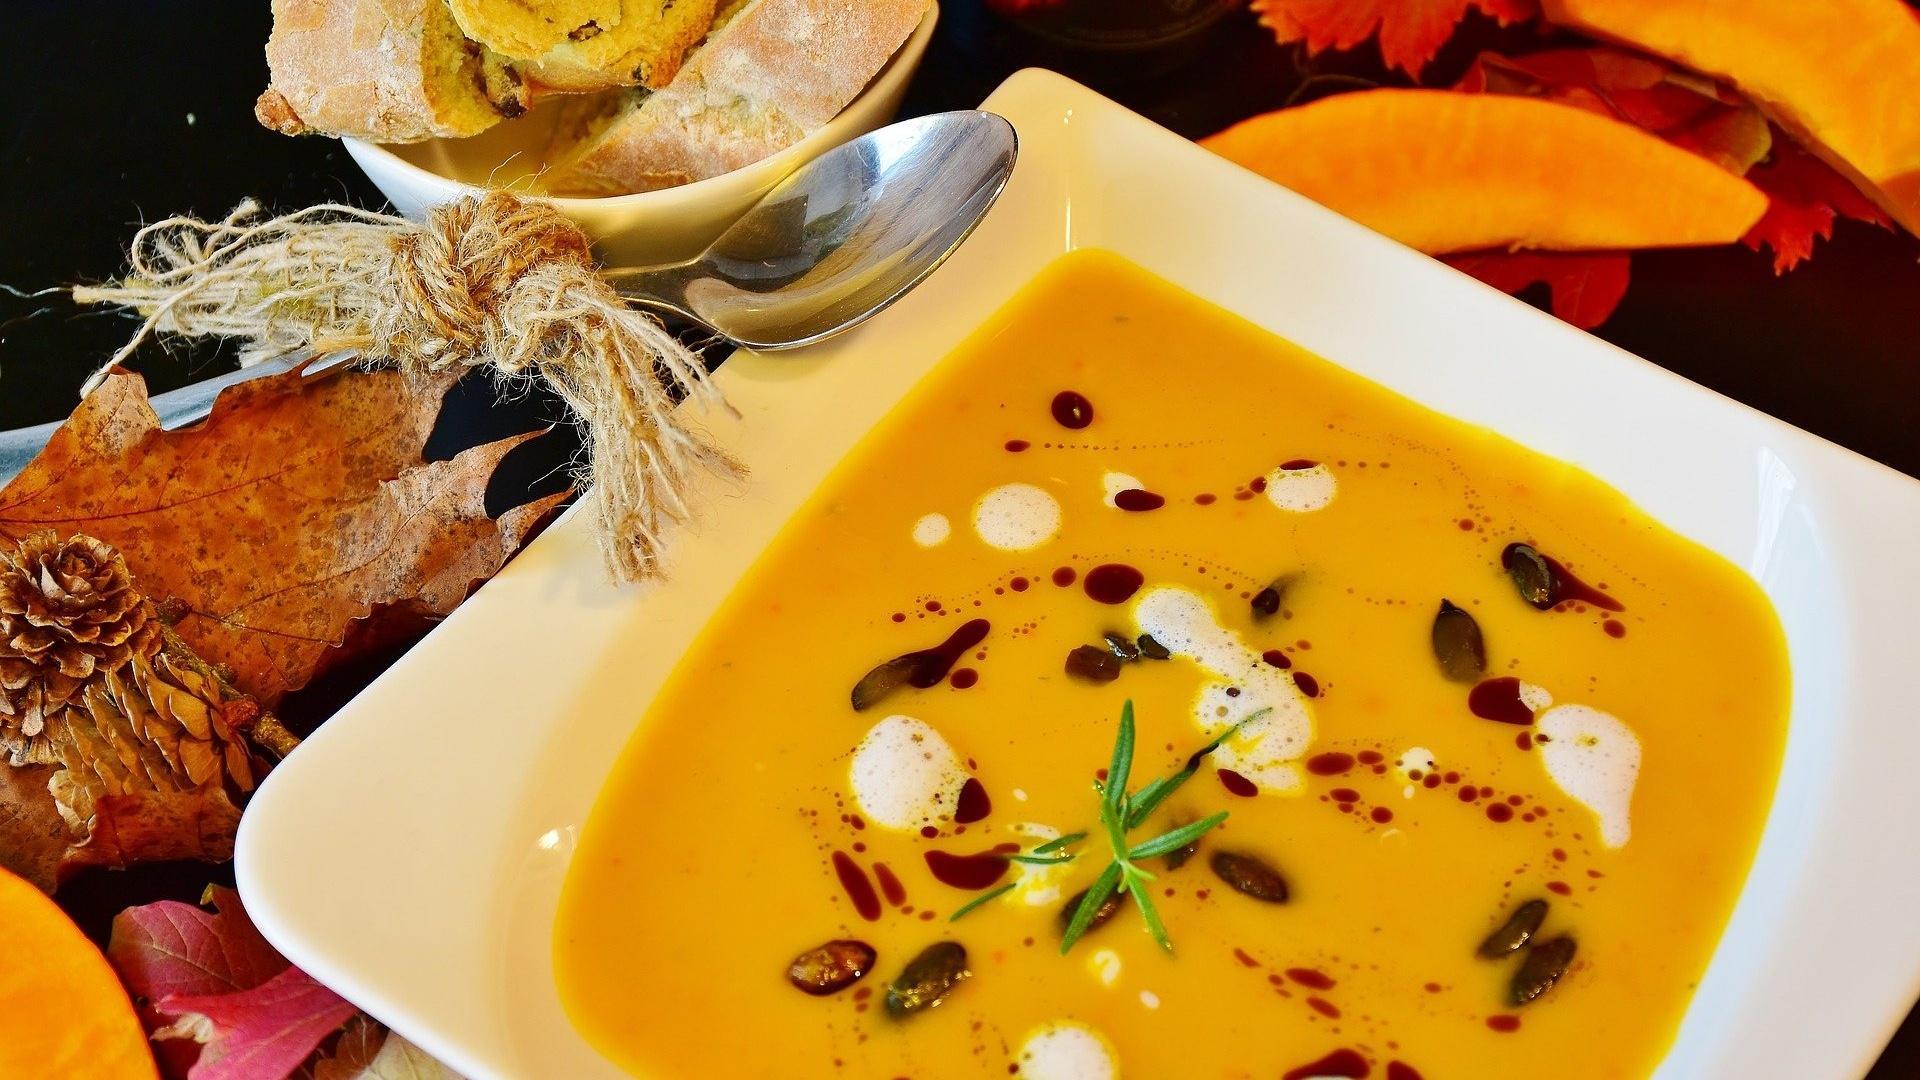 Eine Kürbissuppe mit Kokosmilch und Curry zaubert einen Hauch Exotik auf Ihren Teller.